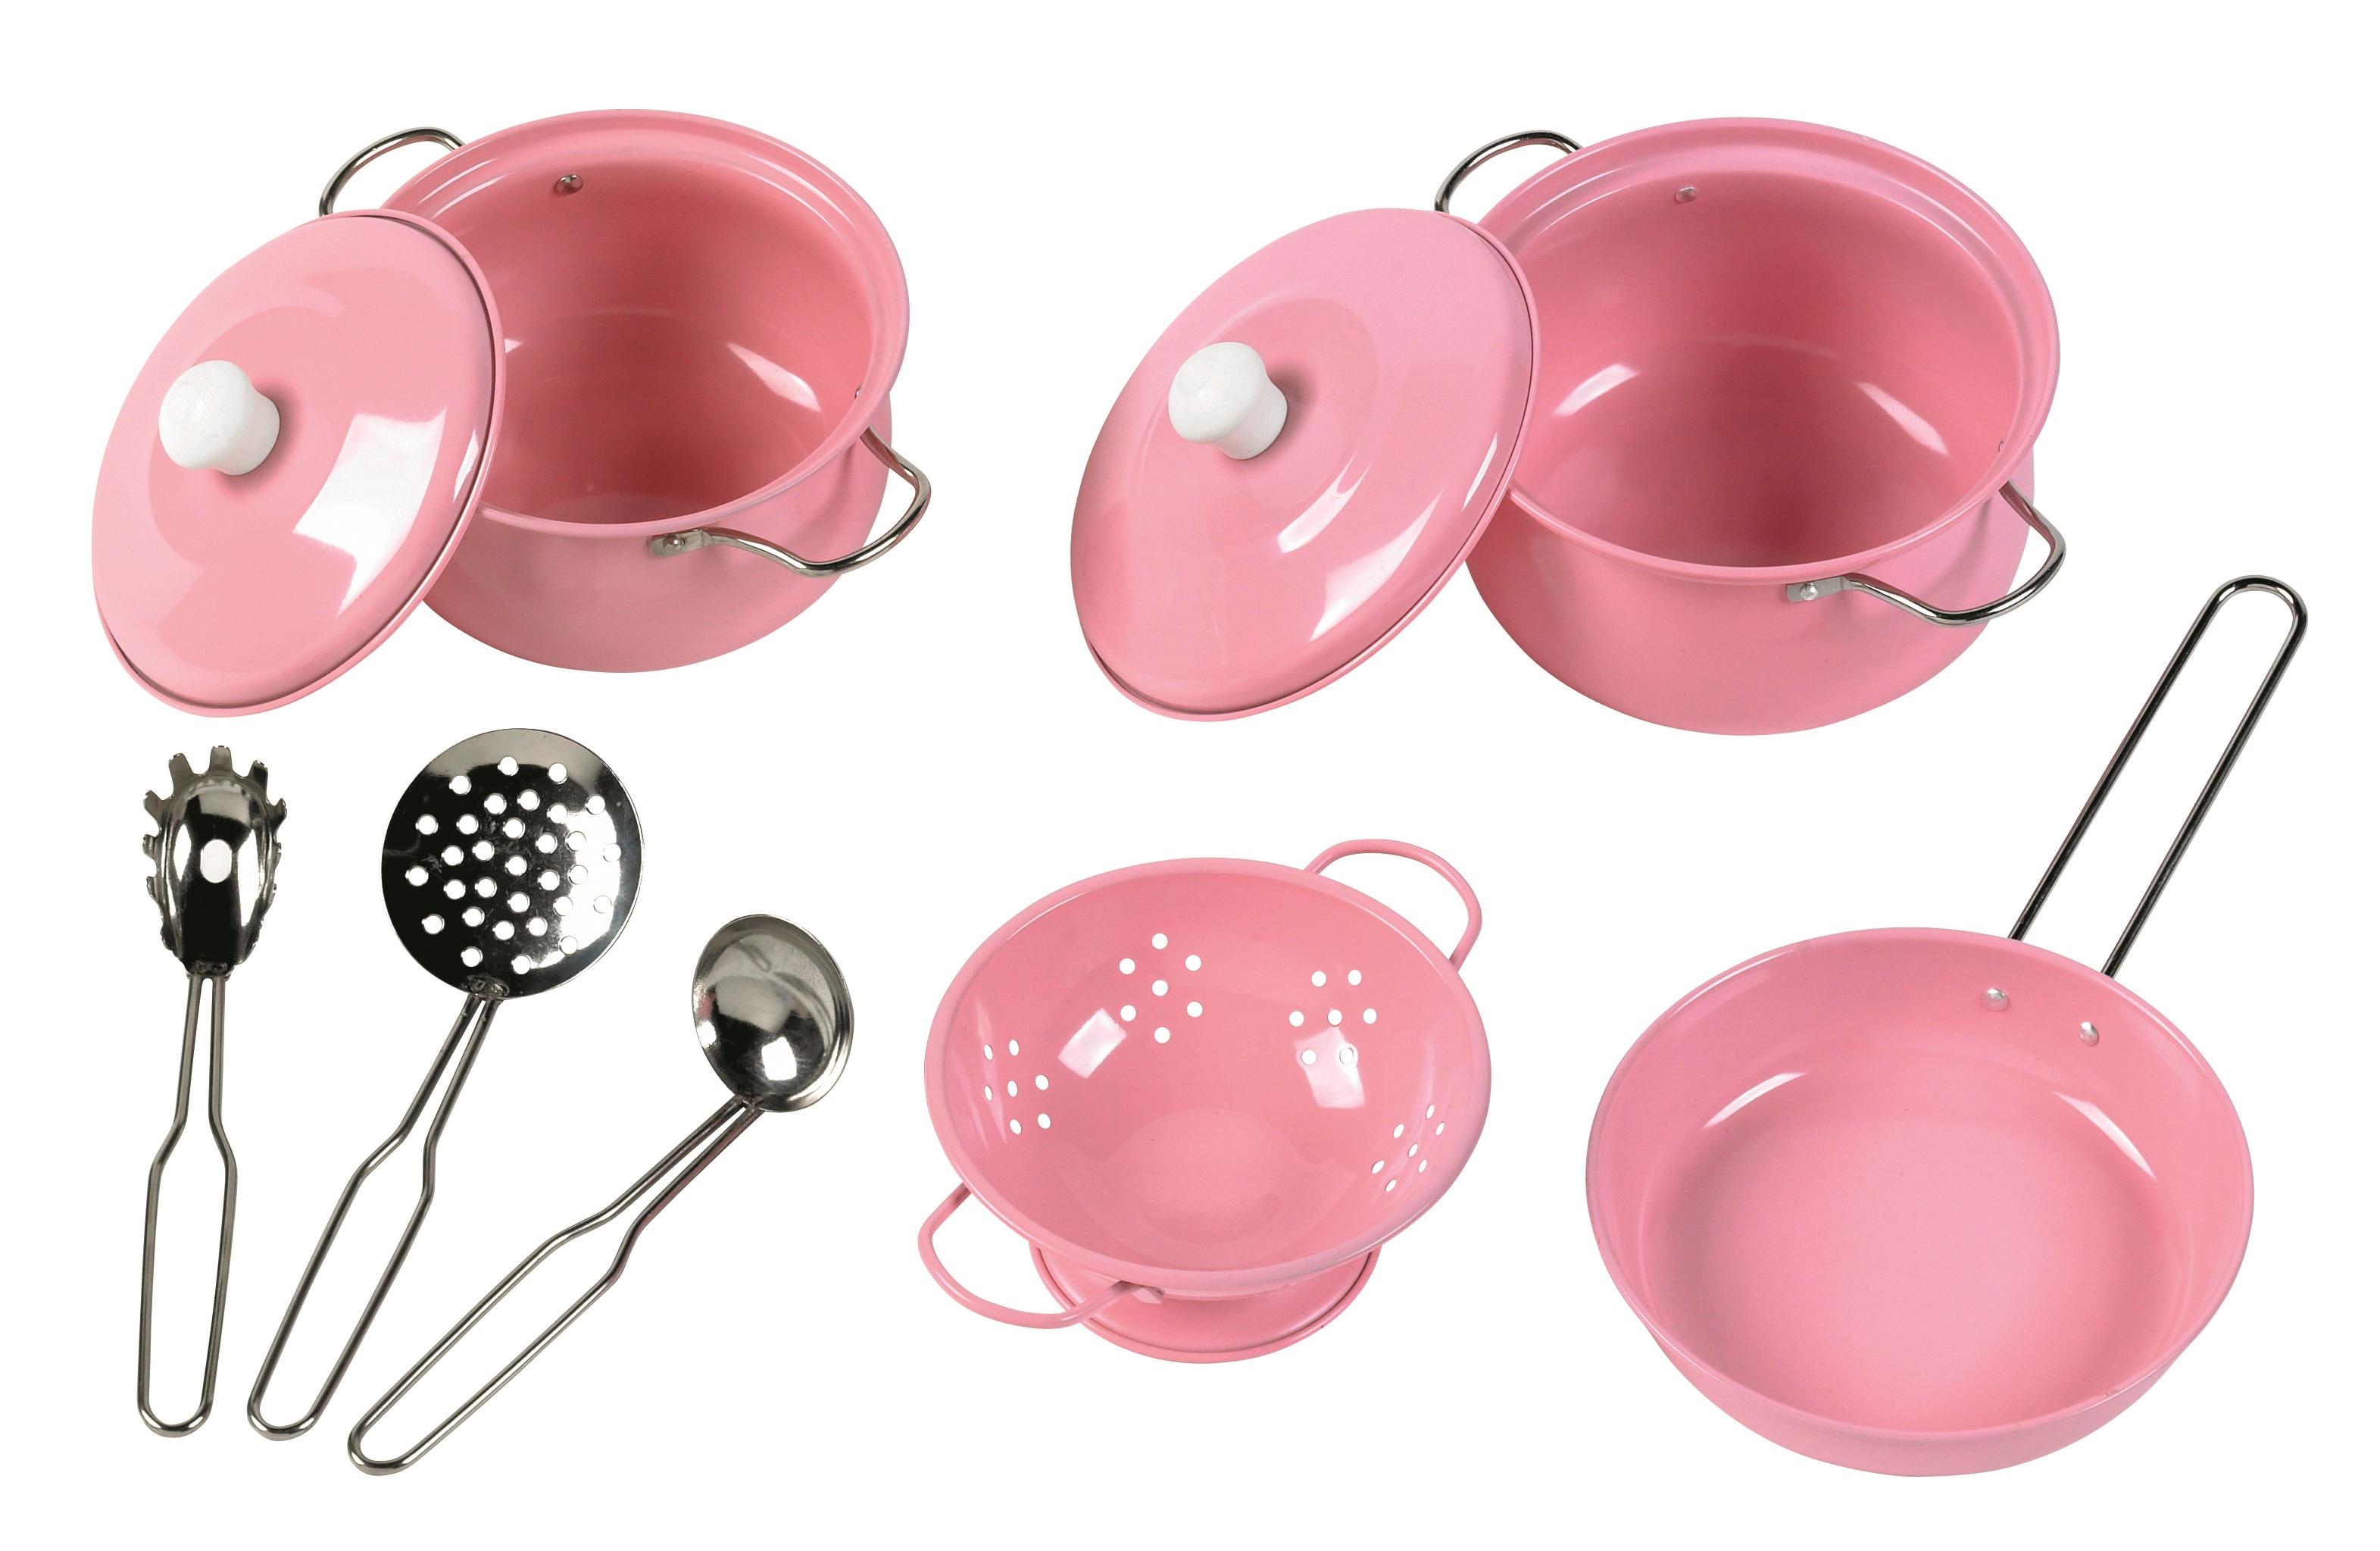 Tidlo Sada nádobí růžová